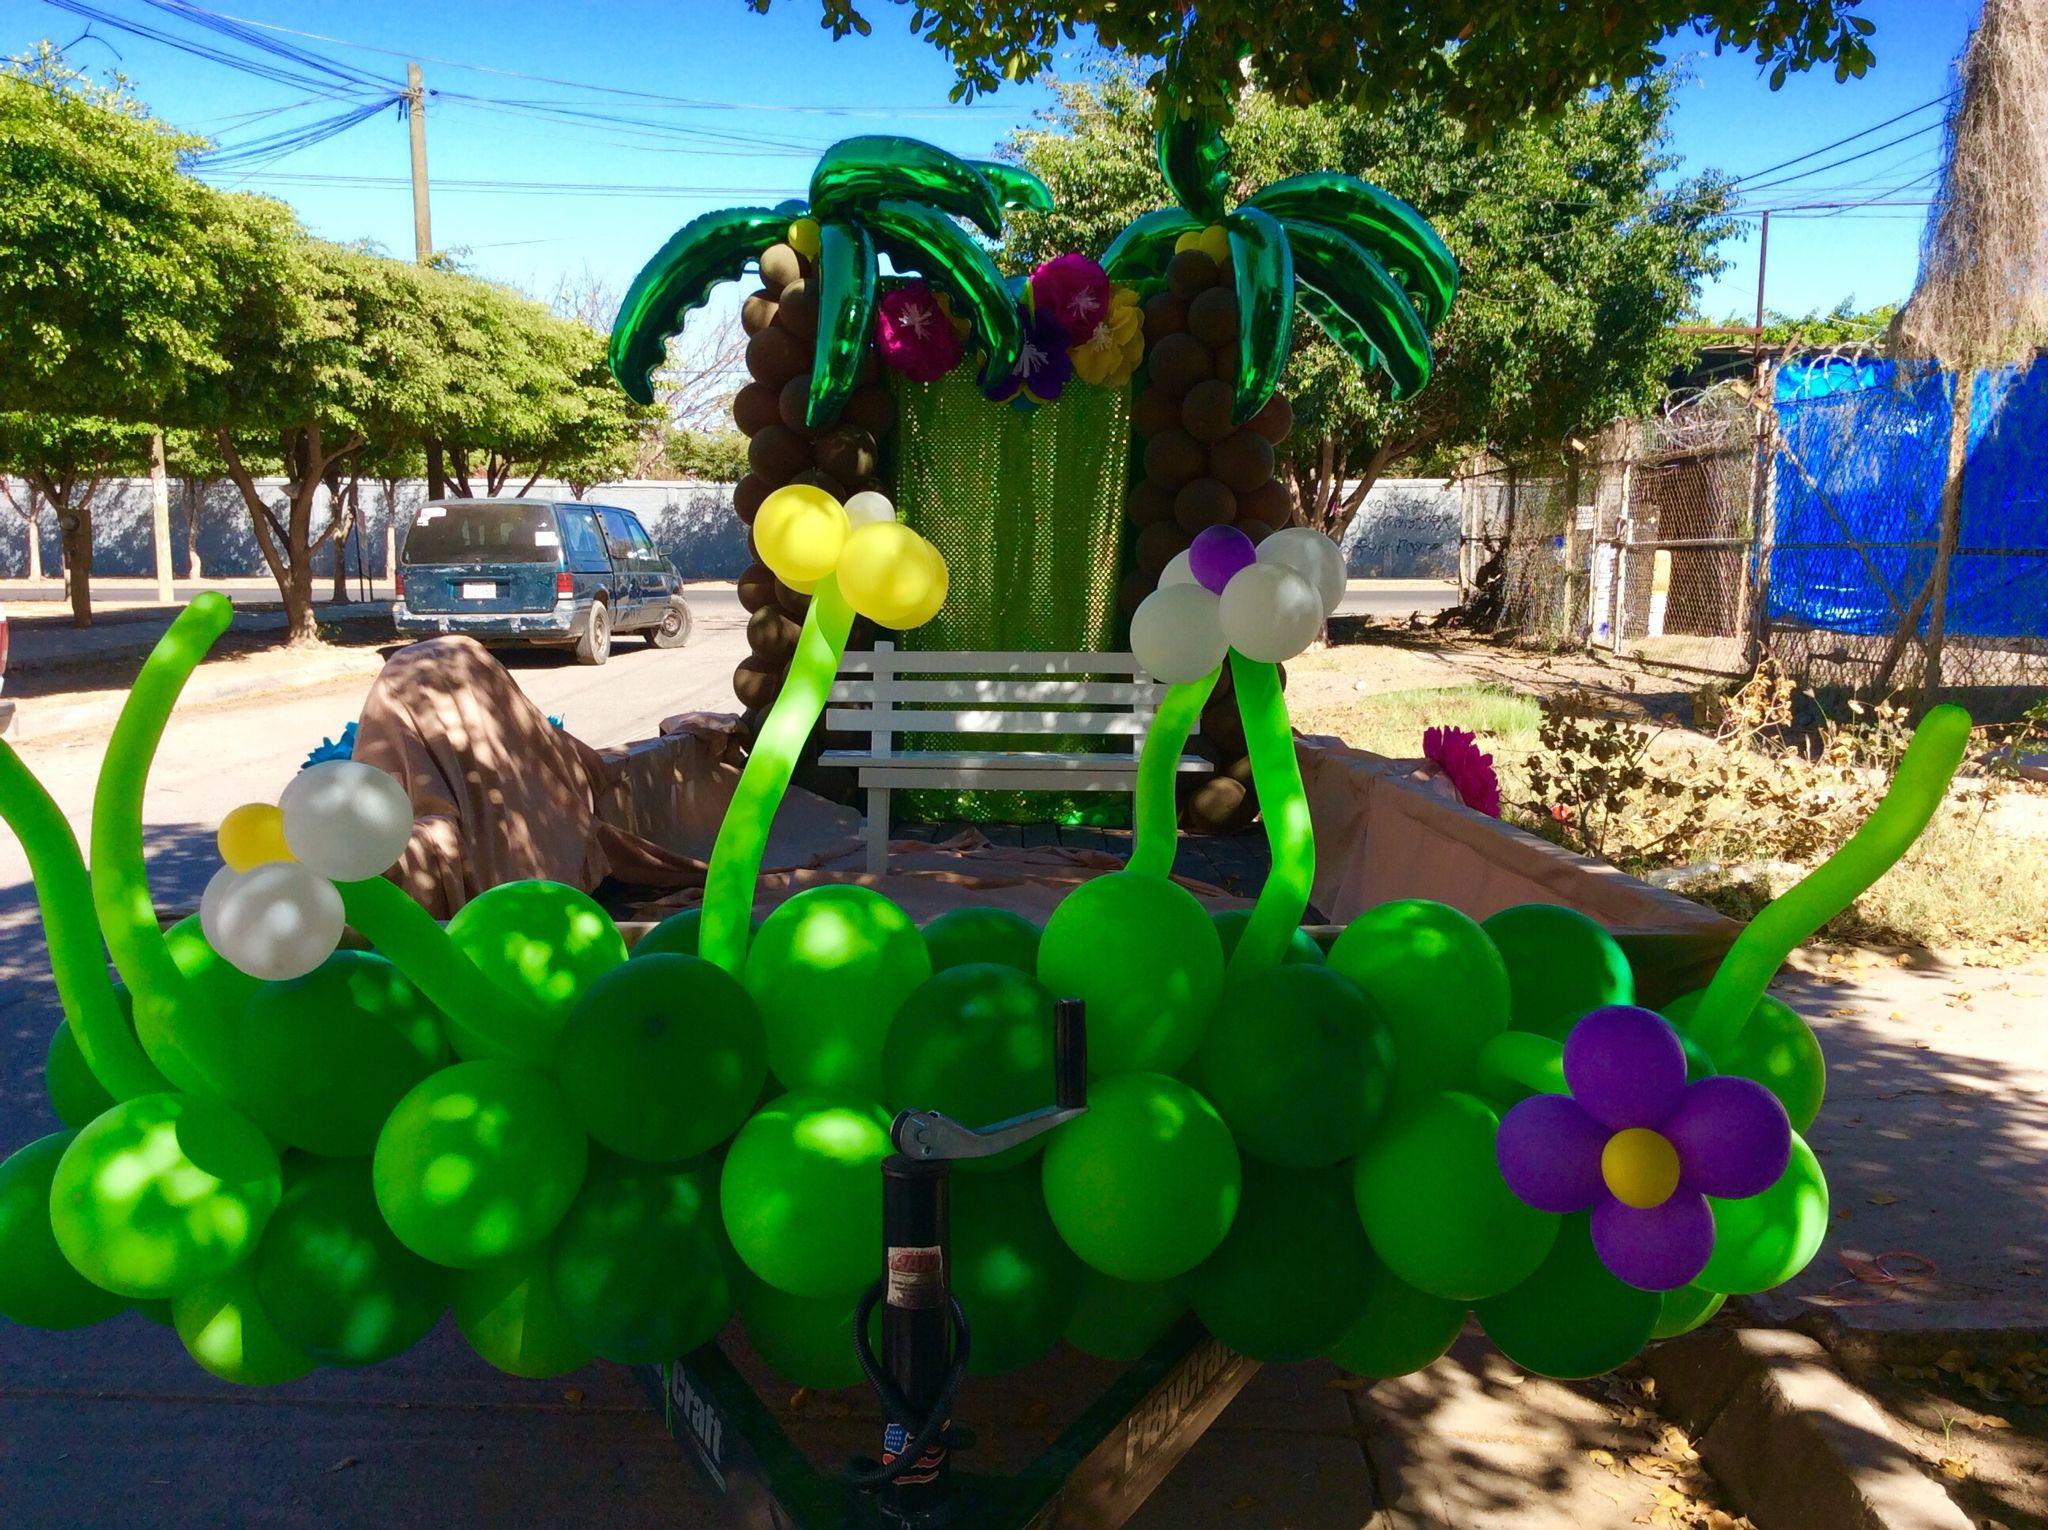 Como hacer carros alegóricos para niños día de la primavera con globos